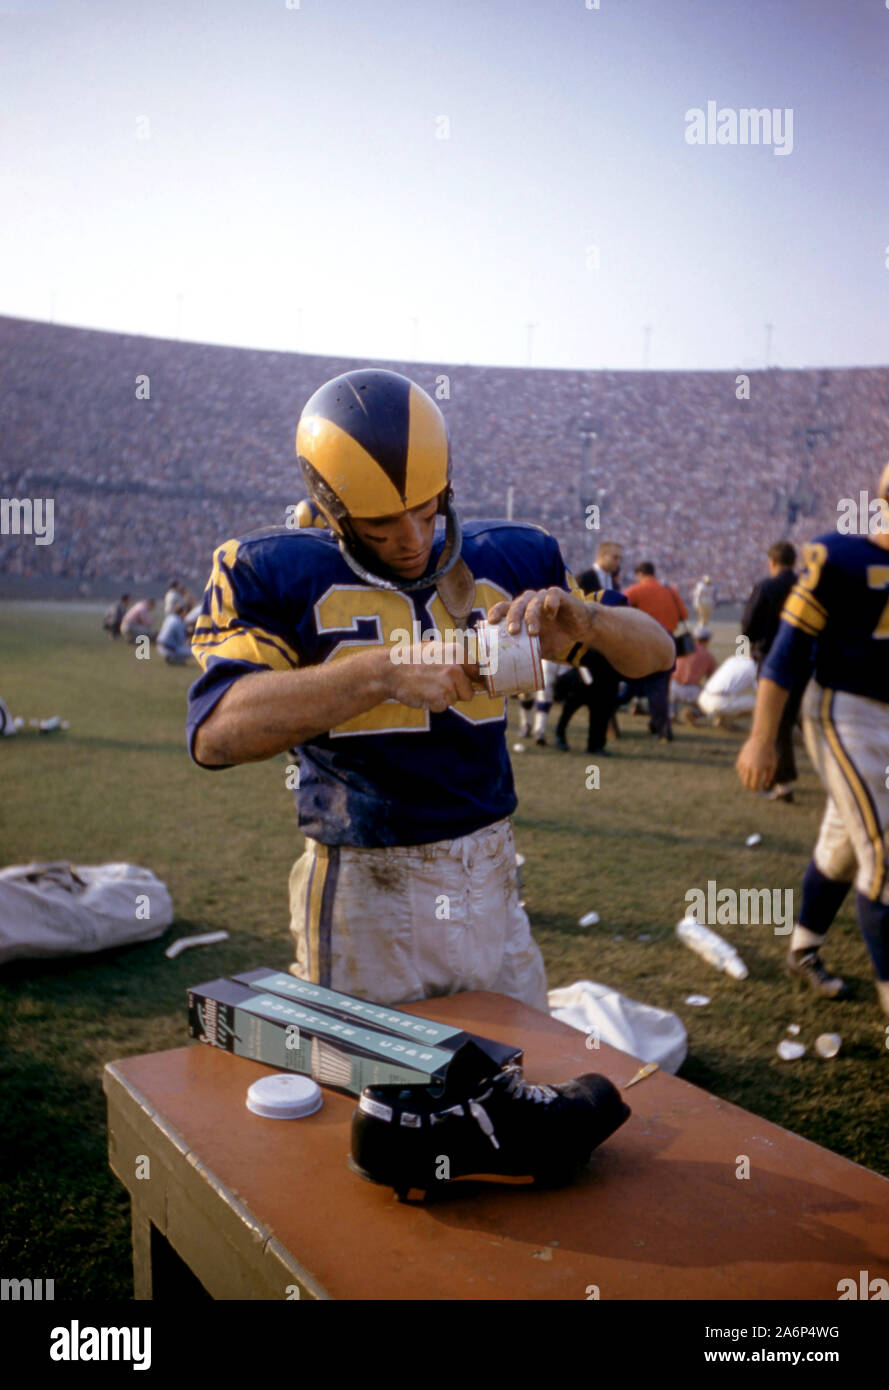 LOS ANGELES, CA - 10 de noviembre: Jon Arnett #26 de Los Angeles Rams se prepara en el banquillo durante un partido de la NFL en contra de los 49ers de San Francisco, el 10 de noviembre de 1957 en el Los Angeles Memorial Coliseum en Los Angeles, California. (Foto por Hy Peskin) Foto de stock